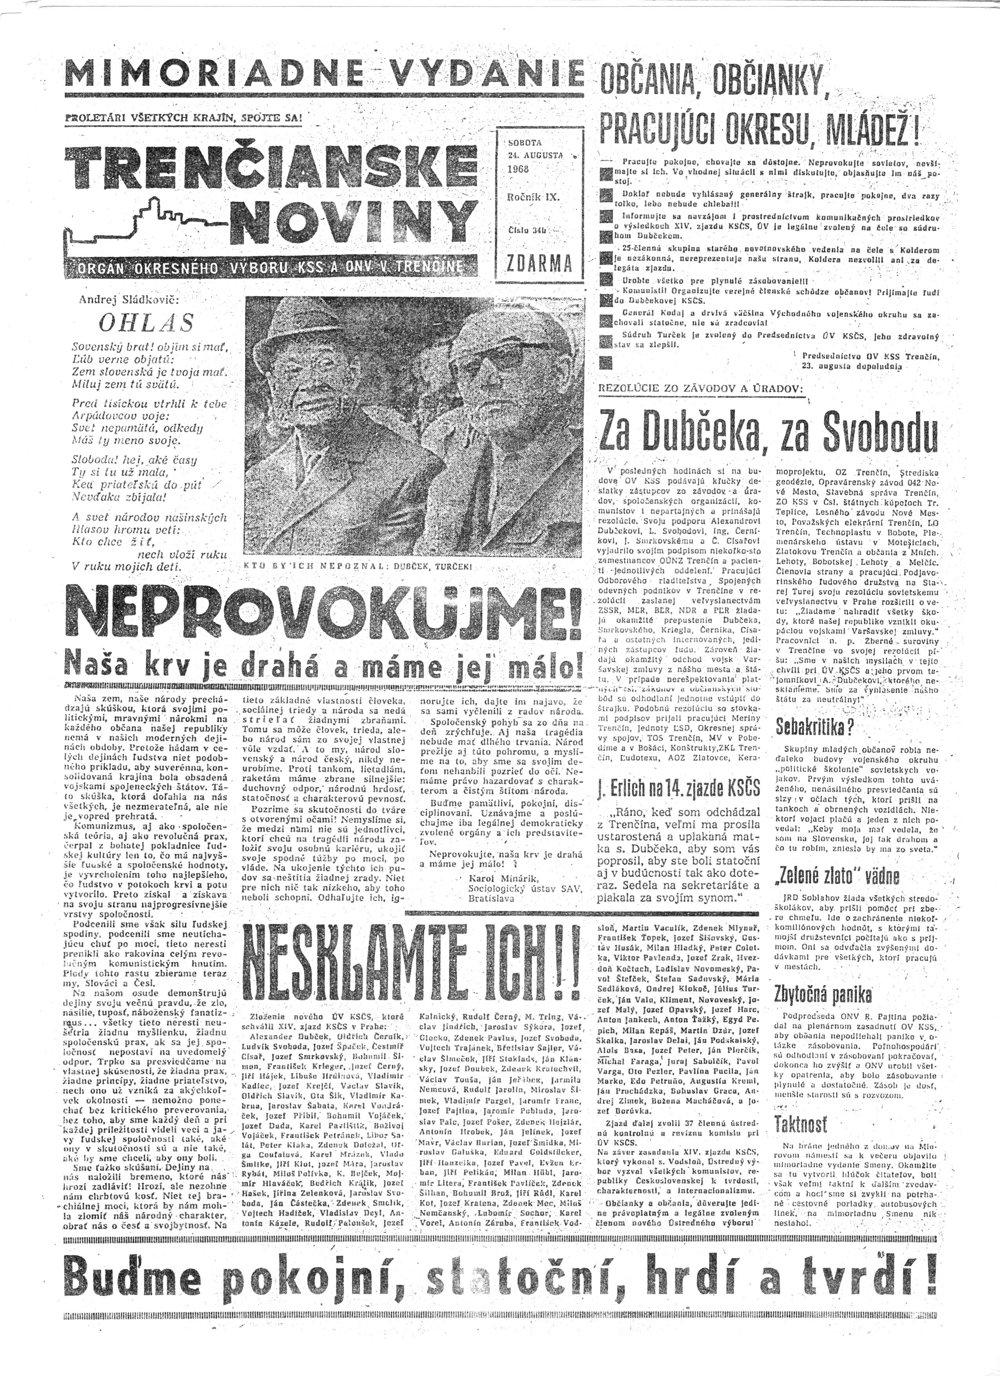 Mimoriadne vydanie Trenčianskych novín z augusta 1968.